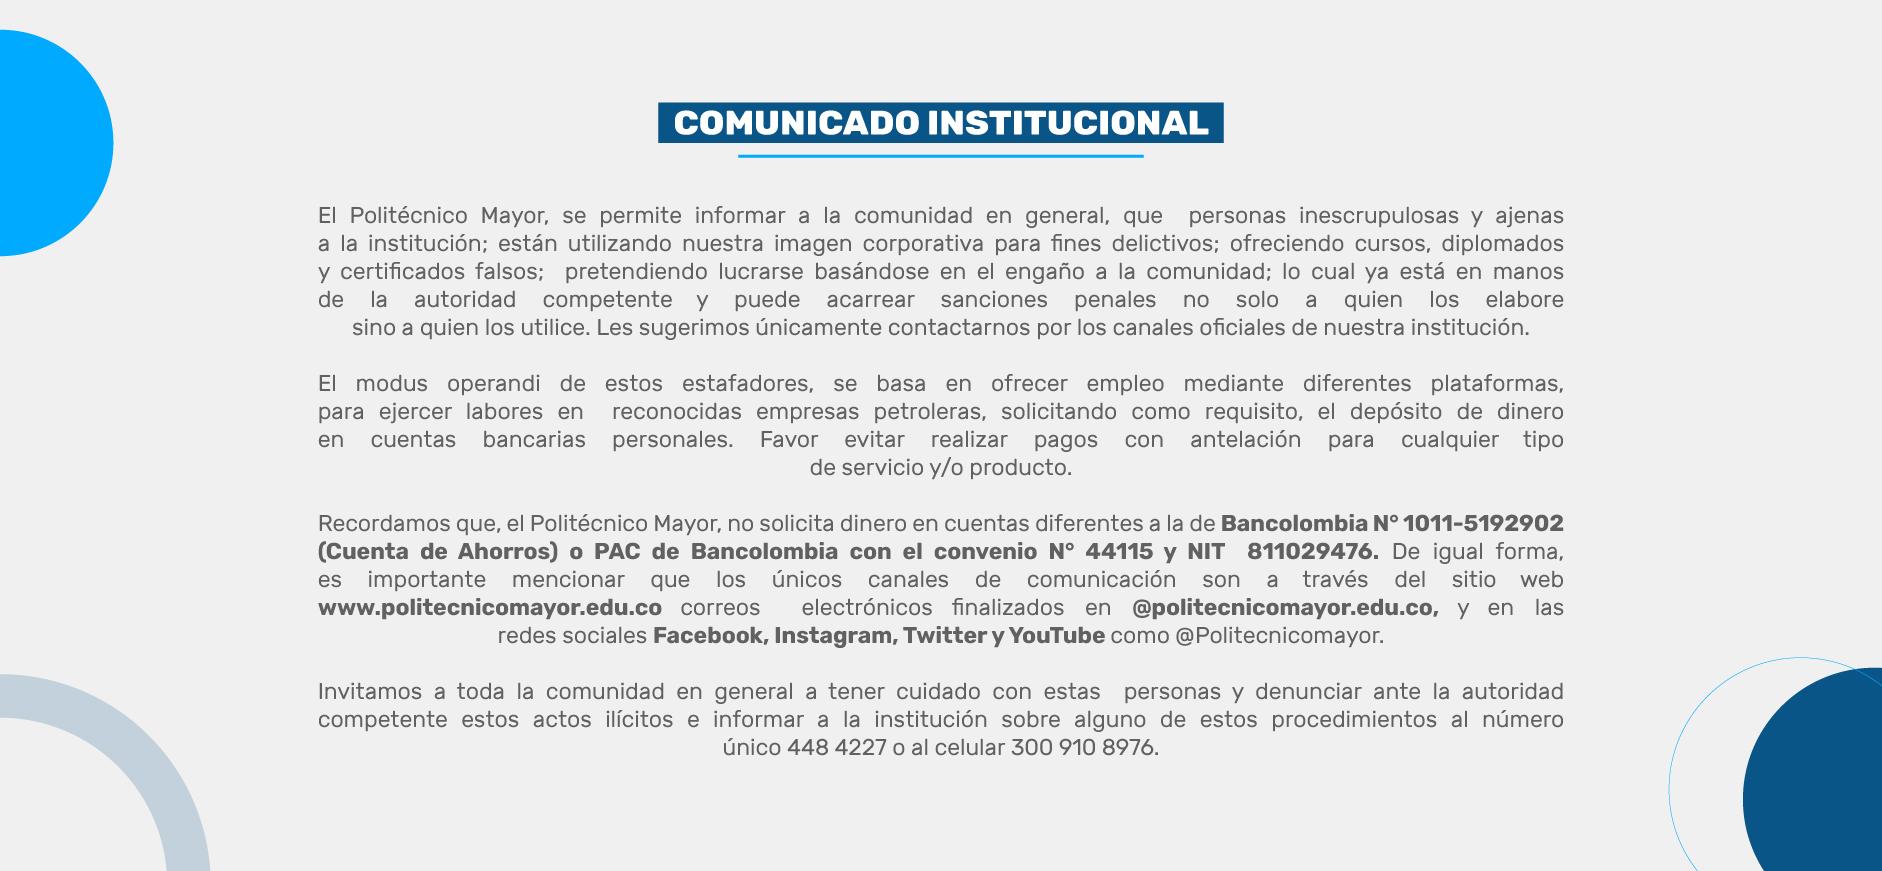 Comunicado-Institucional-estafas